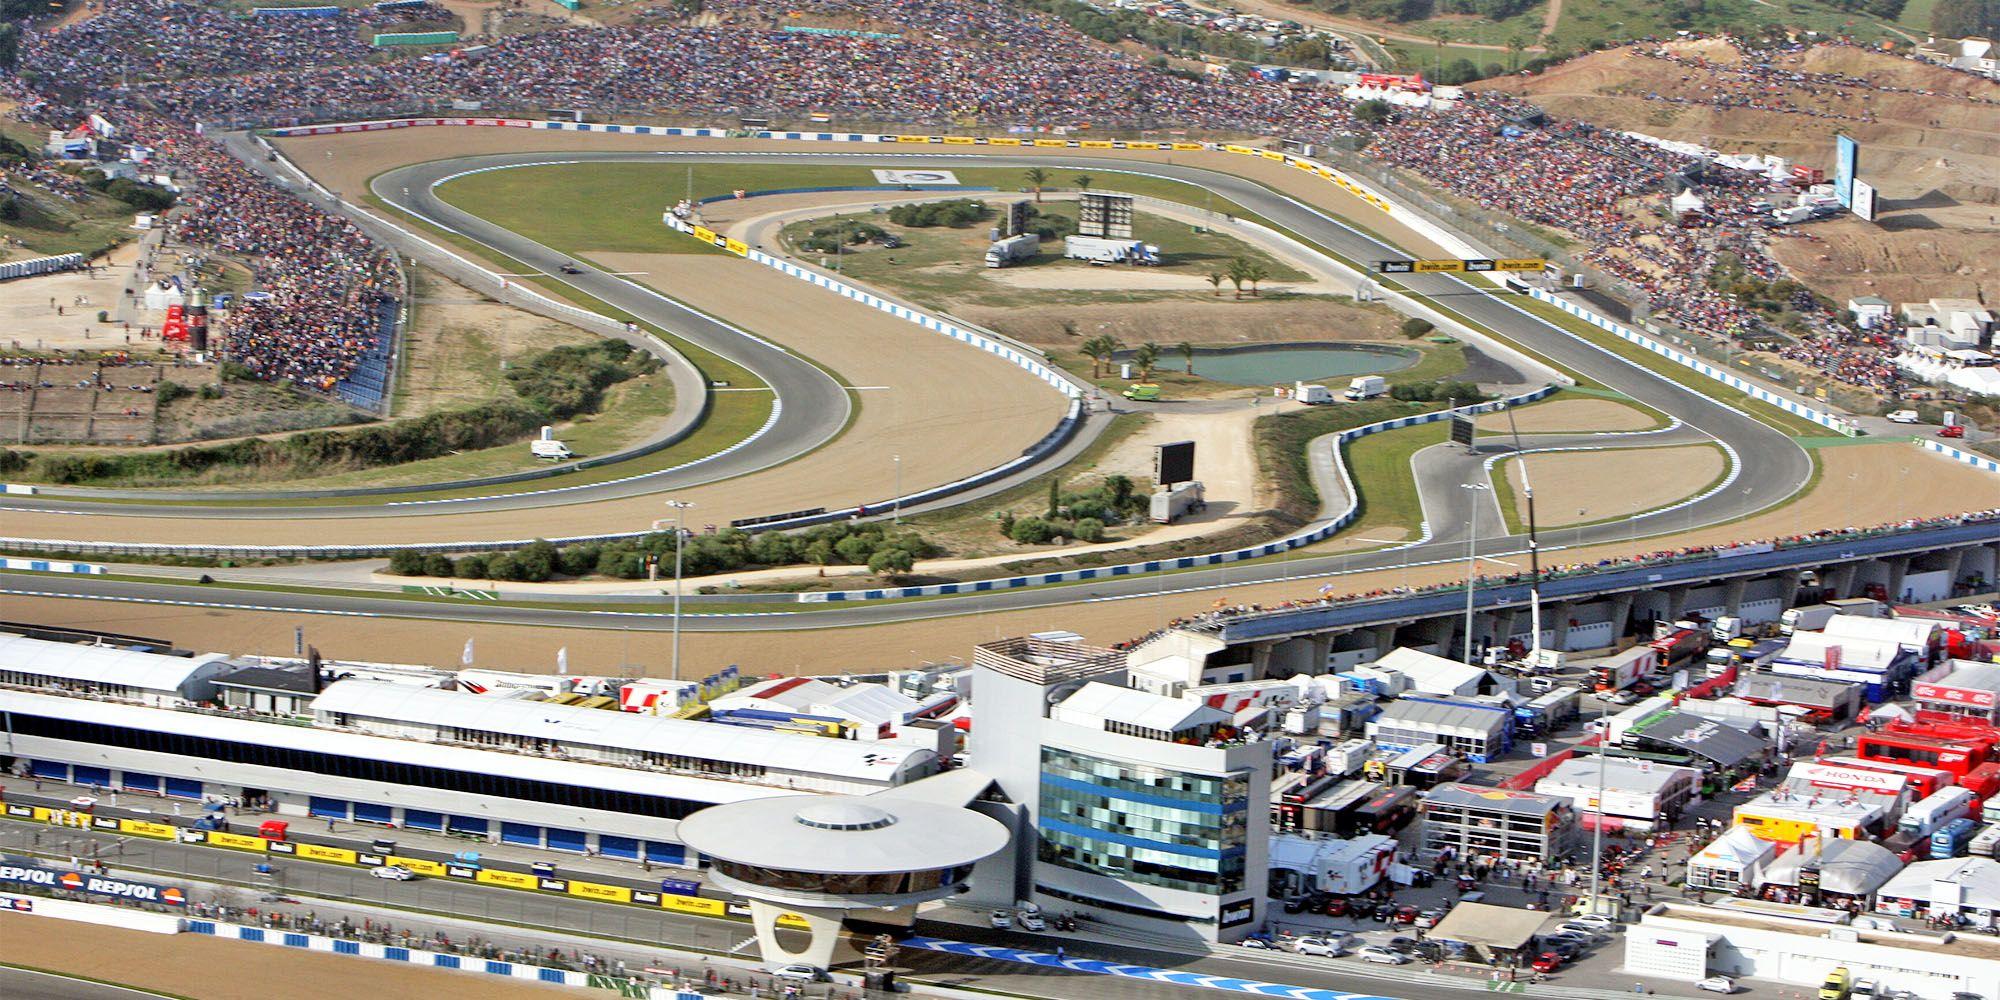 Circuito De Jerez : El centro tecnológico del motor huele a humo mira